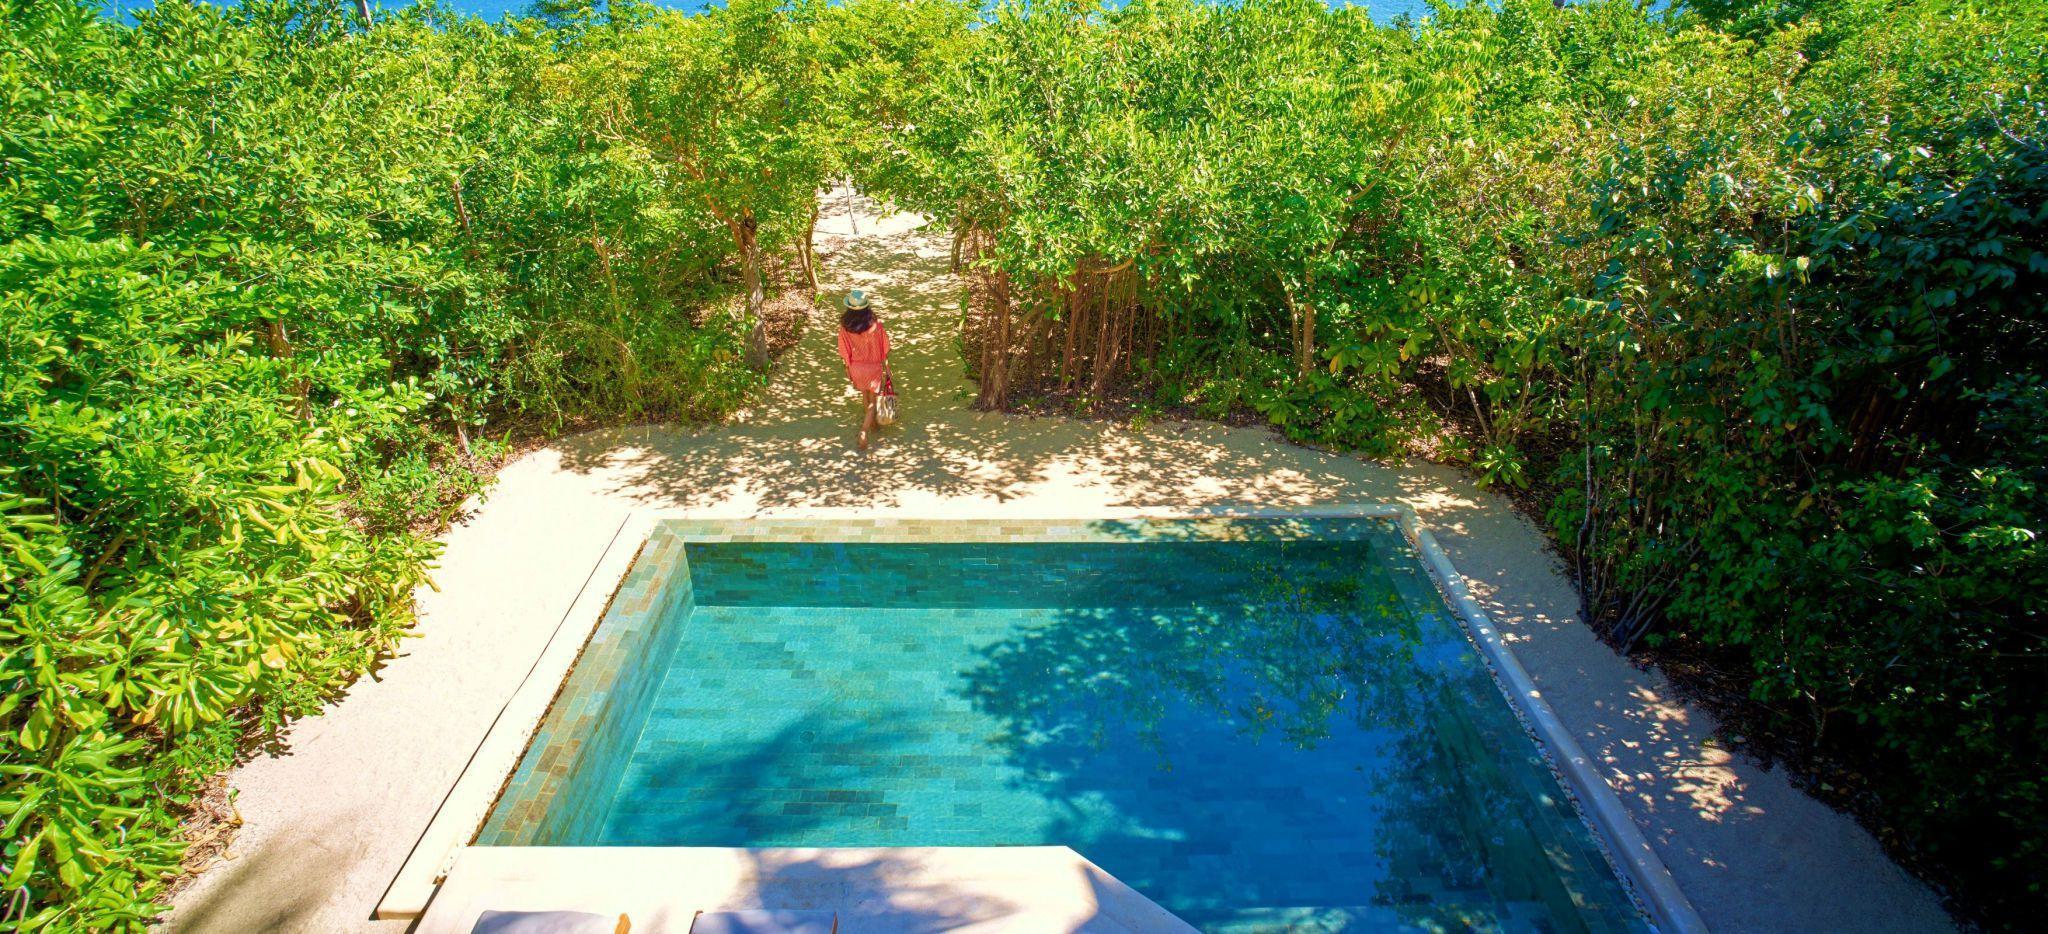 Ein von tropischem Gestrüpp umgebener Pool mit einem kleinen Weg zum Strand